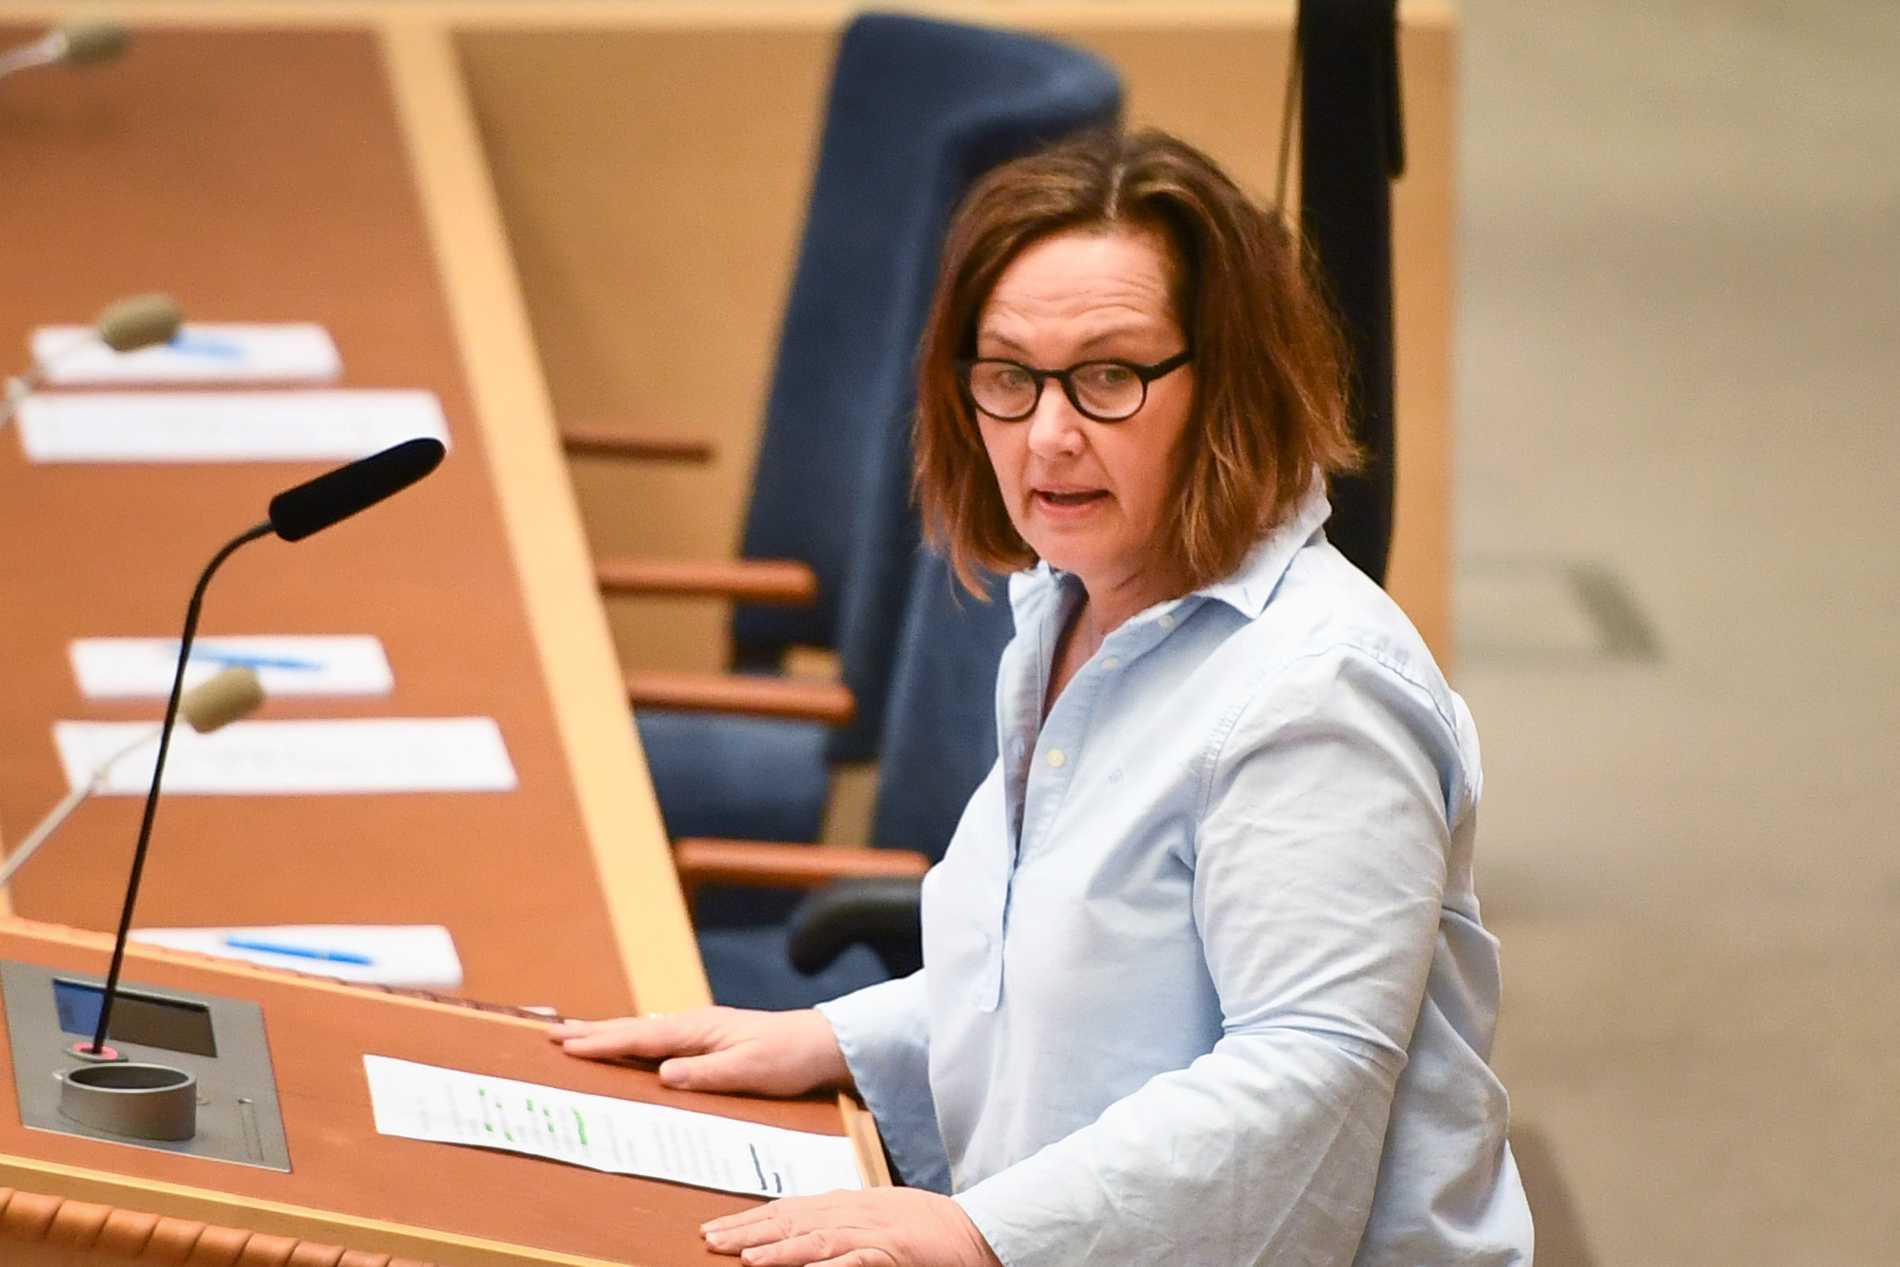 Liberalernas partisekreterare Juno Blom berömmer Emma Carlsson Löfdahl i ett internt brev.